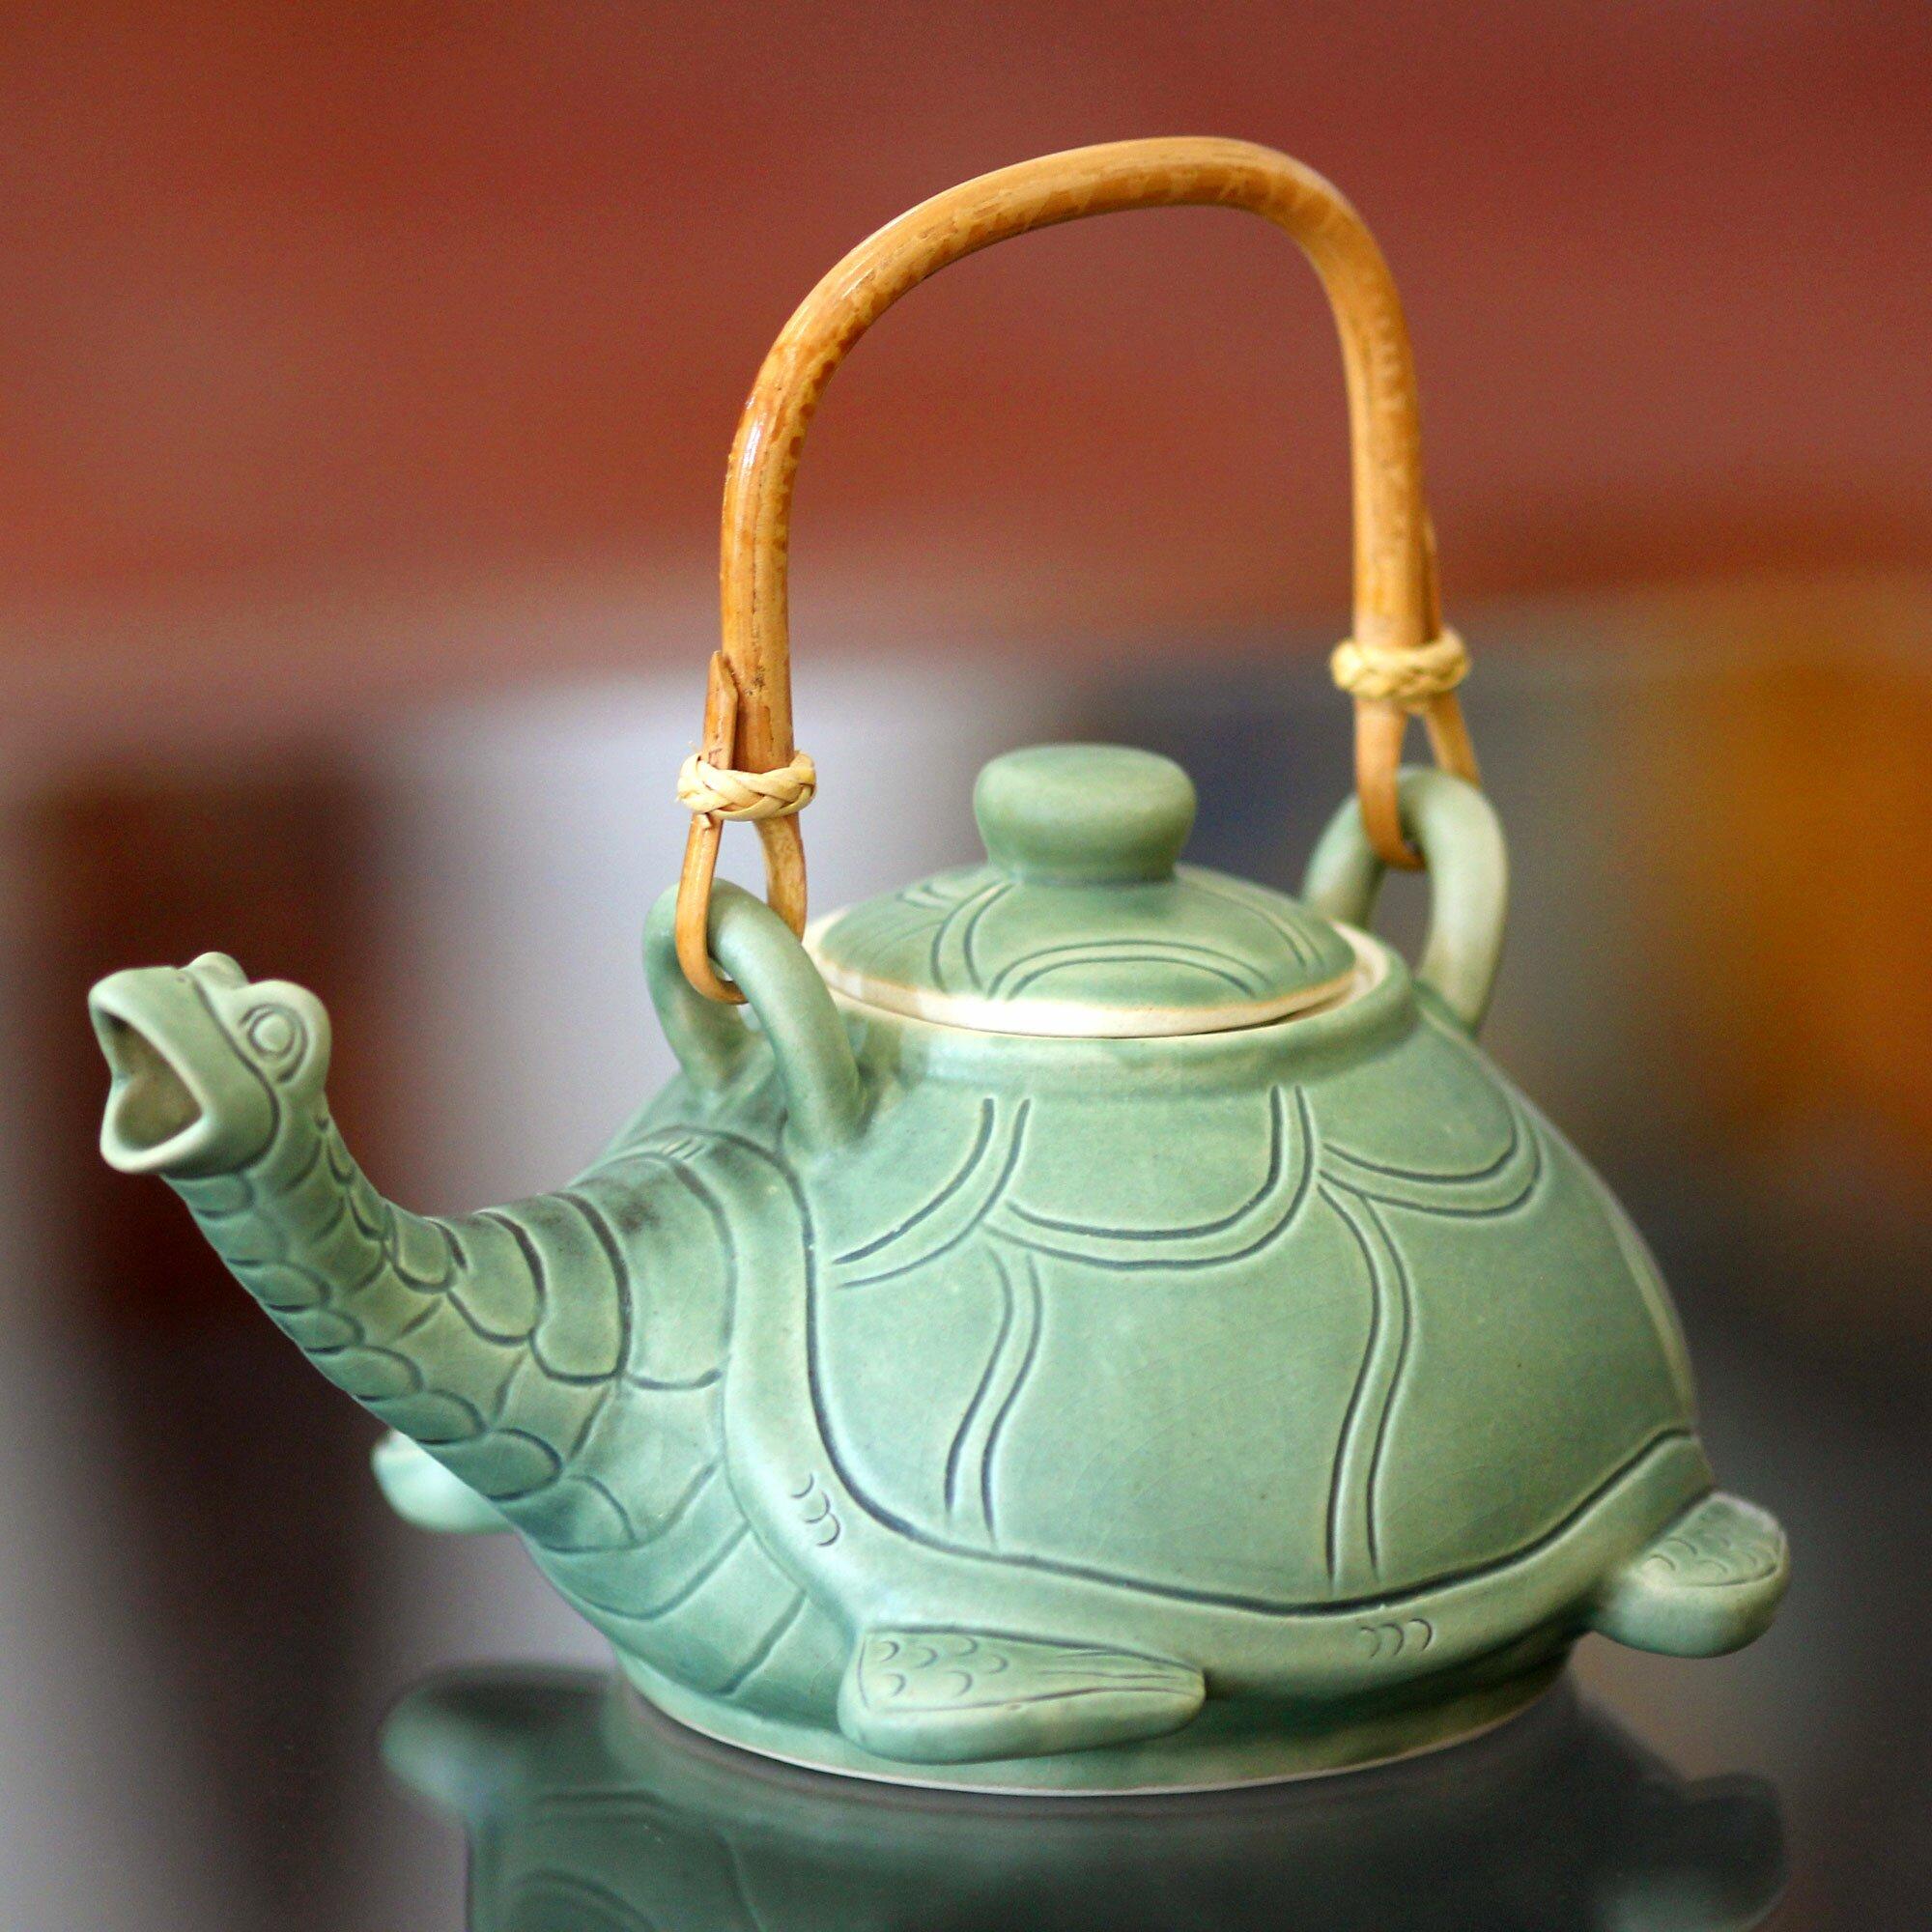 Novica Lingering Turtle Unique Ceramic Teapot Wayfair